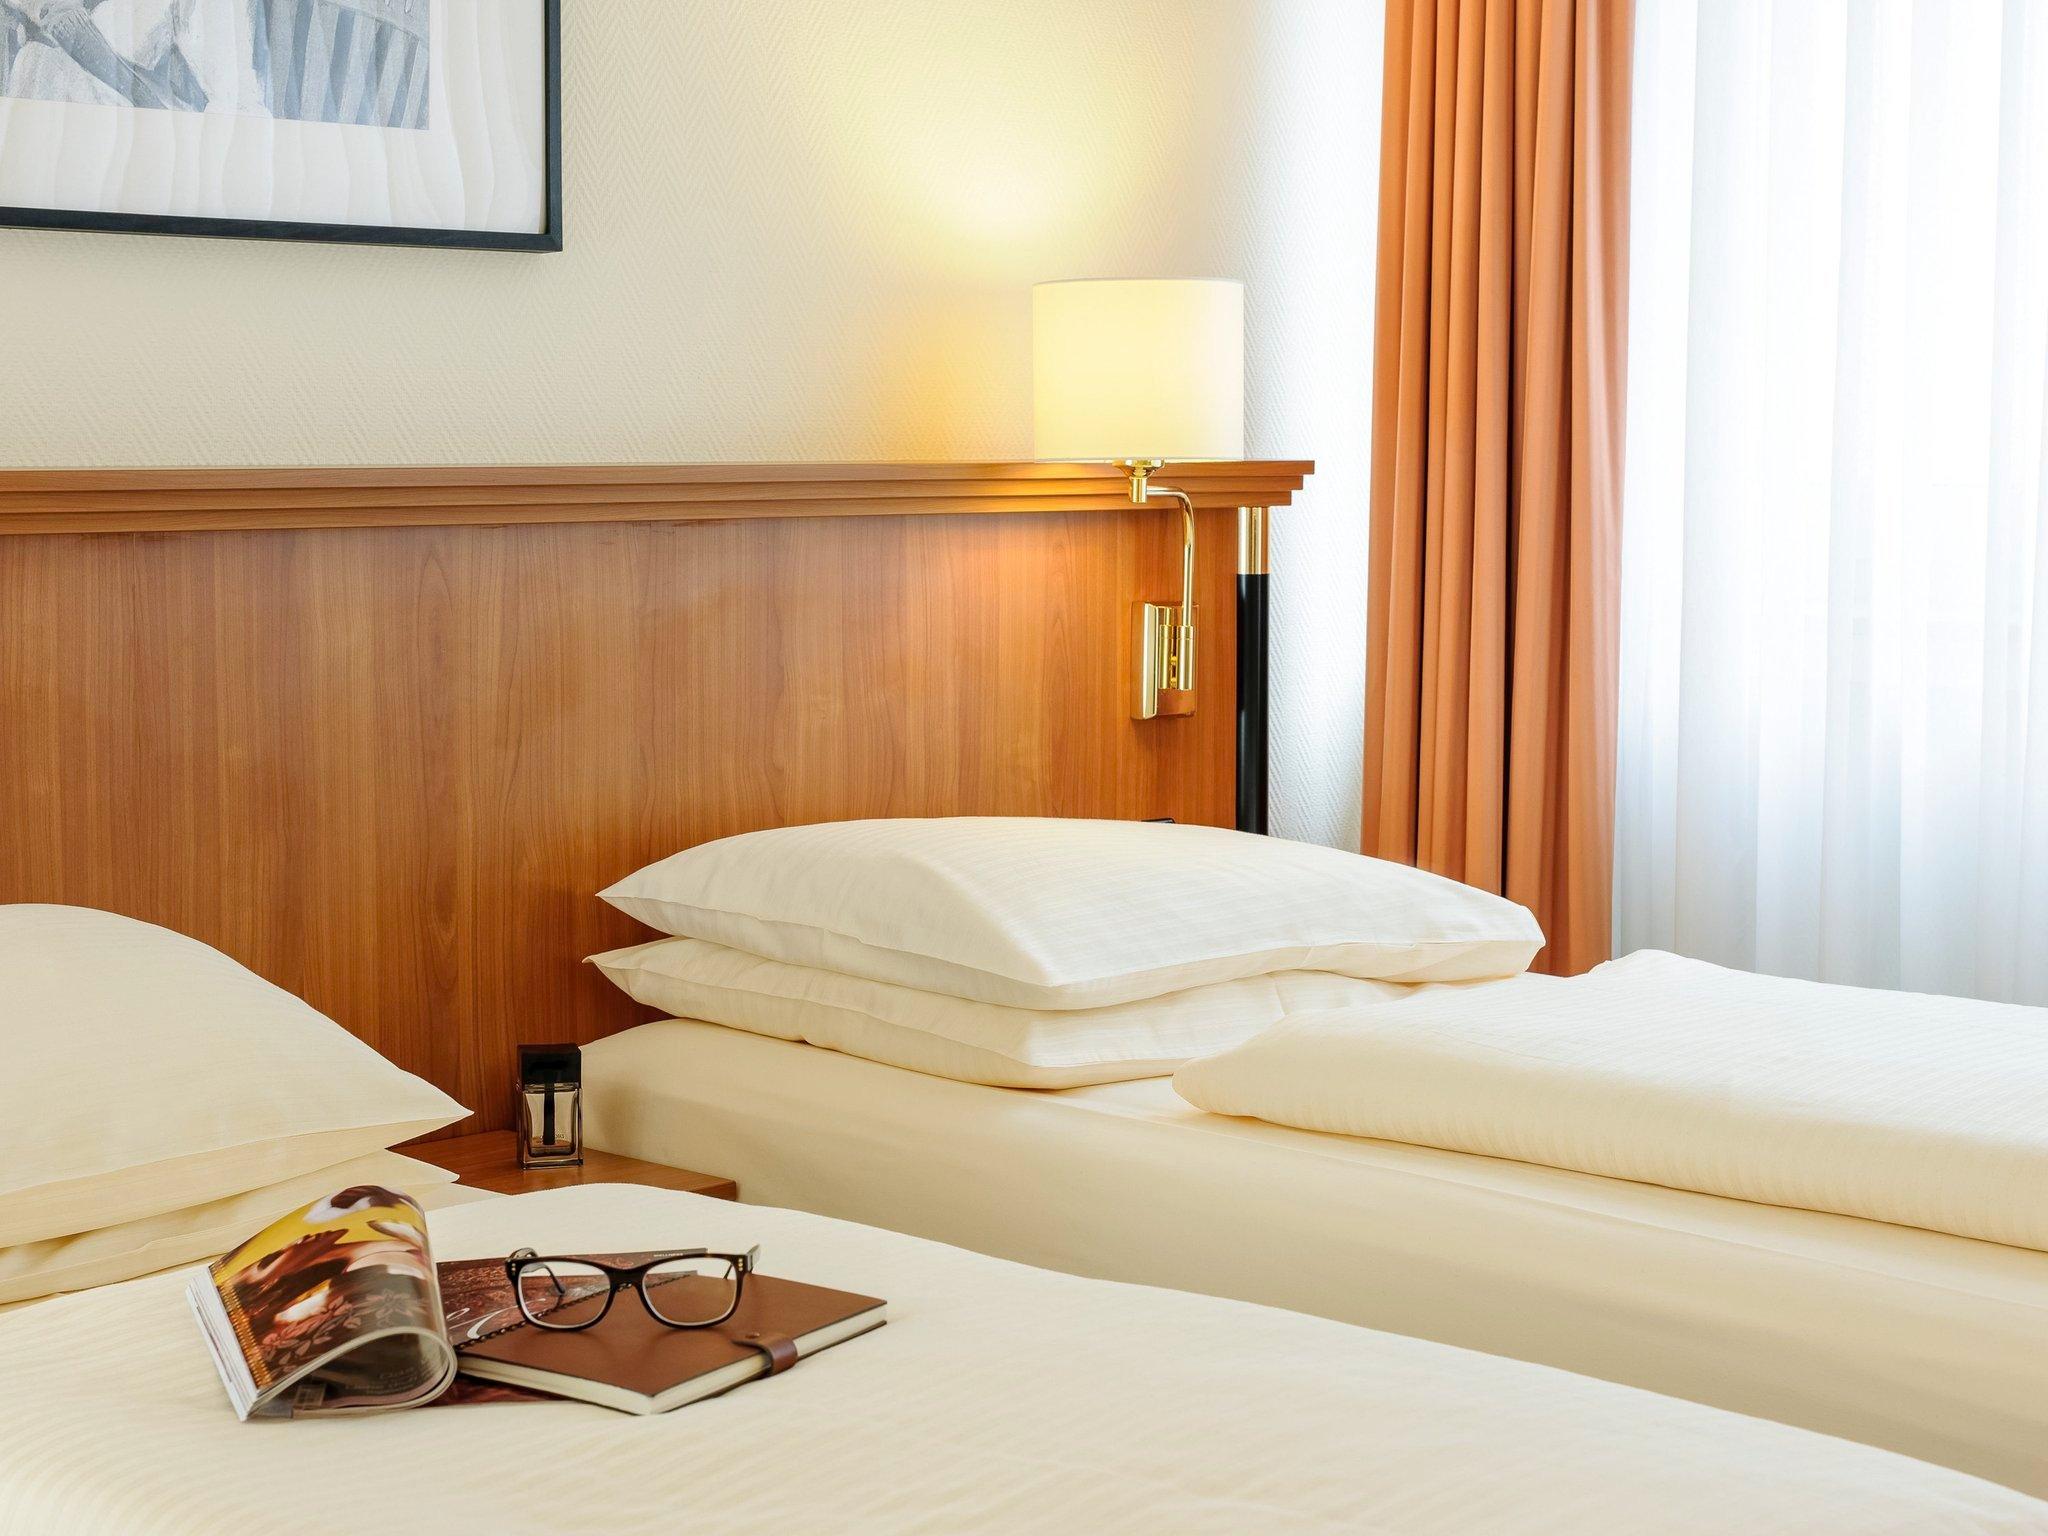 Hotel Mercure München Altstadt